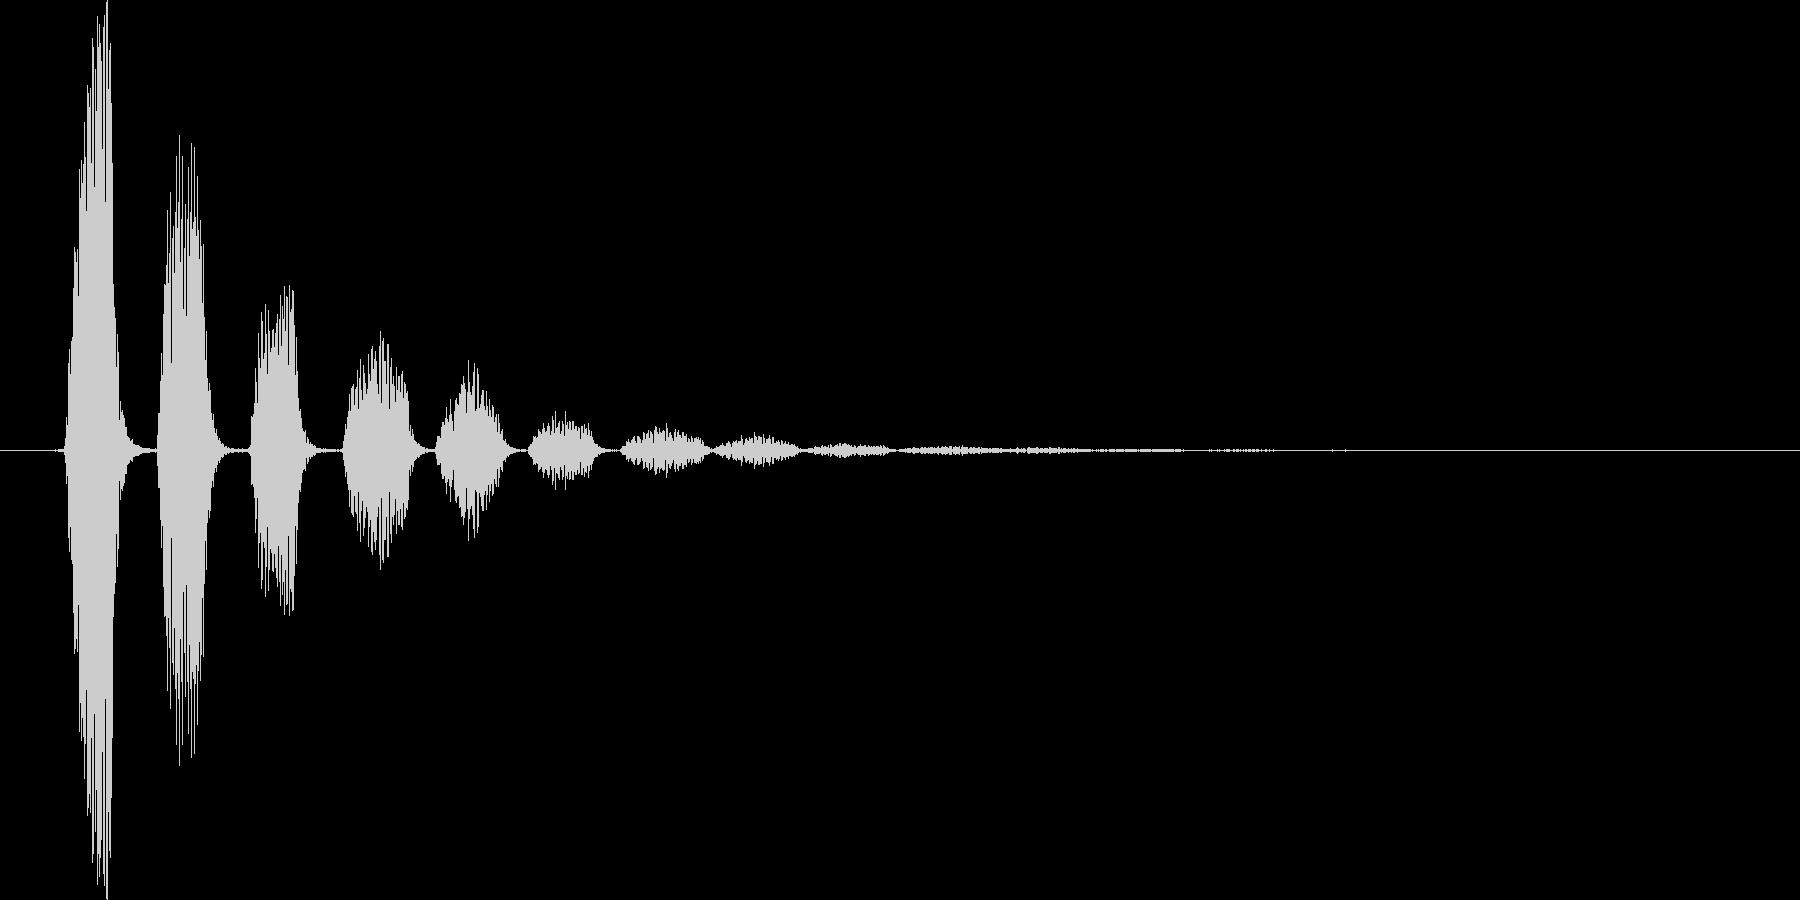 ピロリロ↓(流れ星、キラキラ、下降系)の未再生の波形